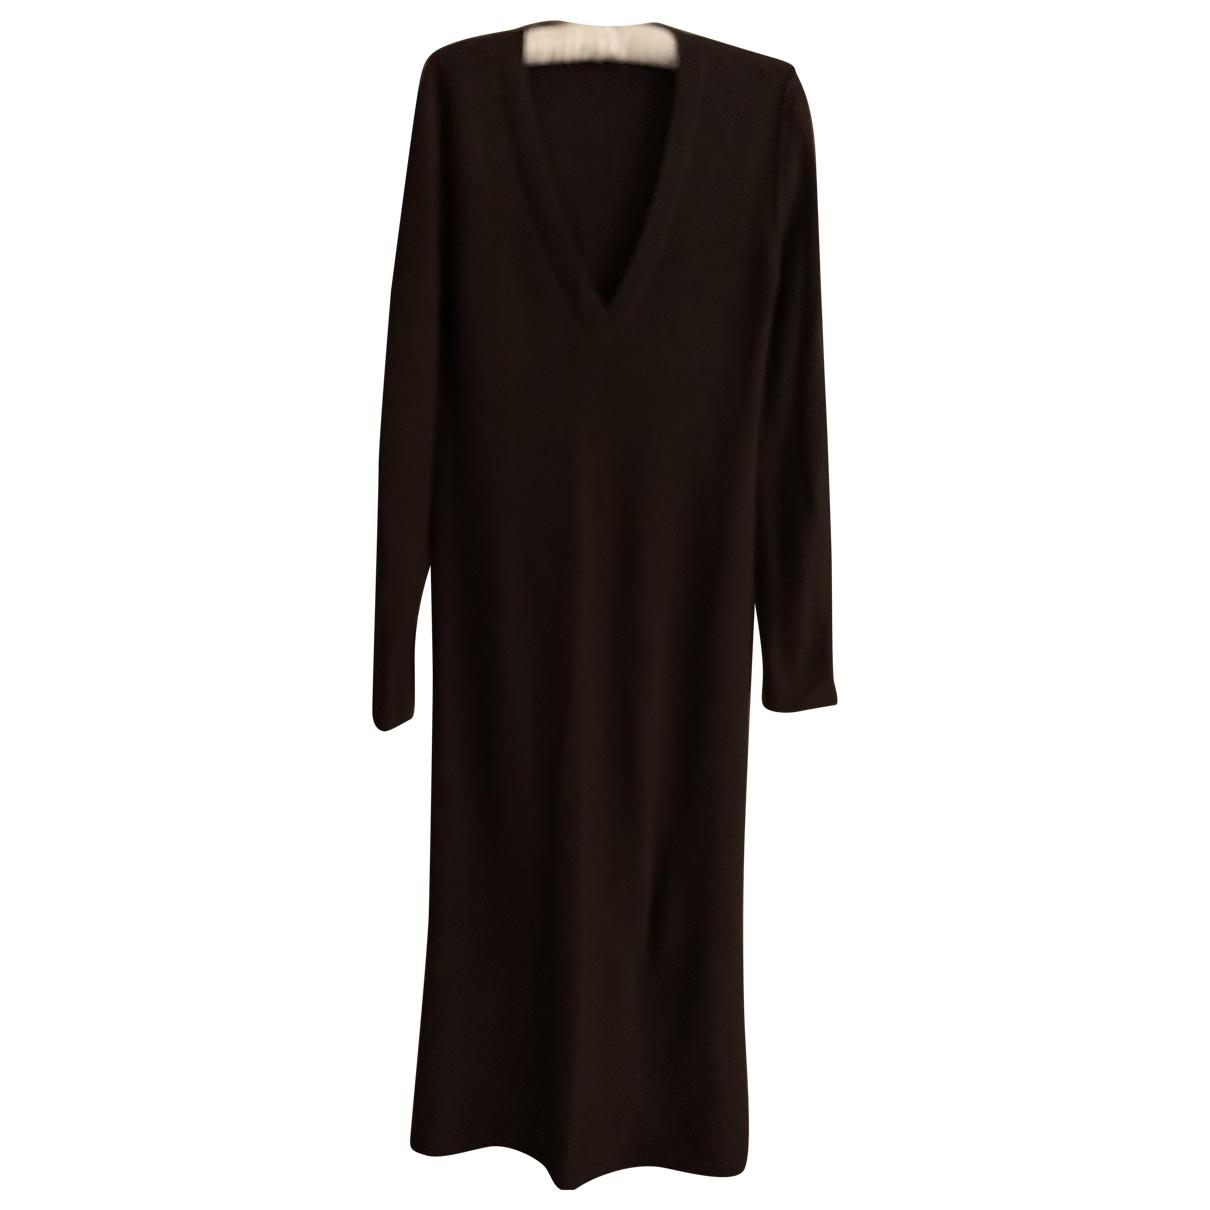 Chloe \N Kleid in  Braun Wolle